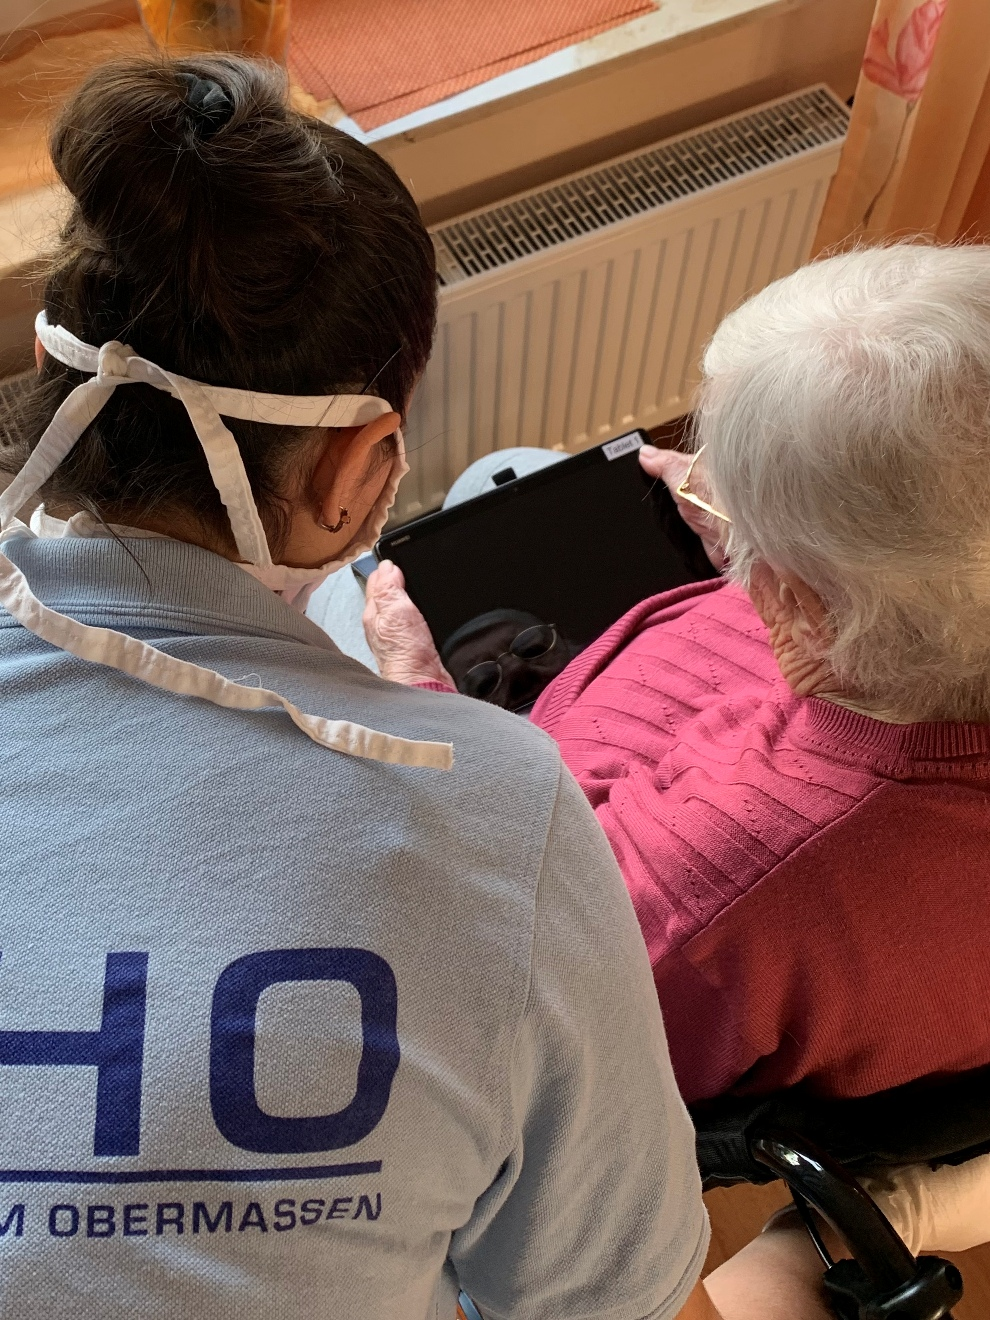 Tablet-Spende freut Senioren